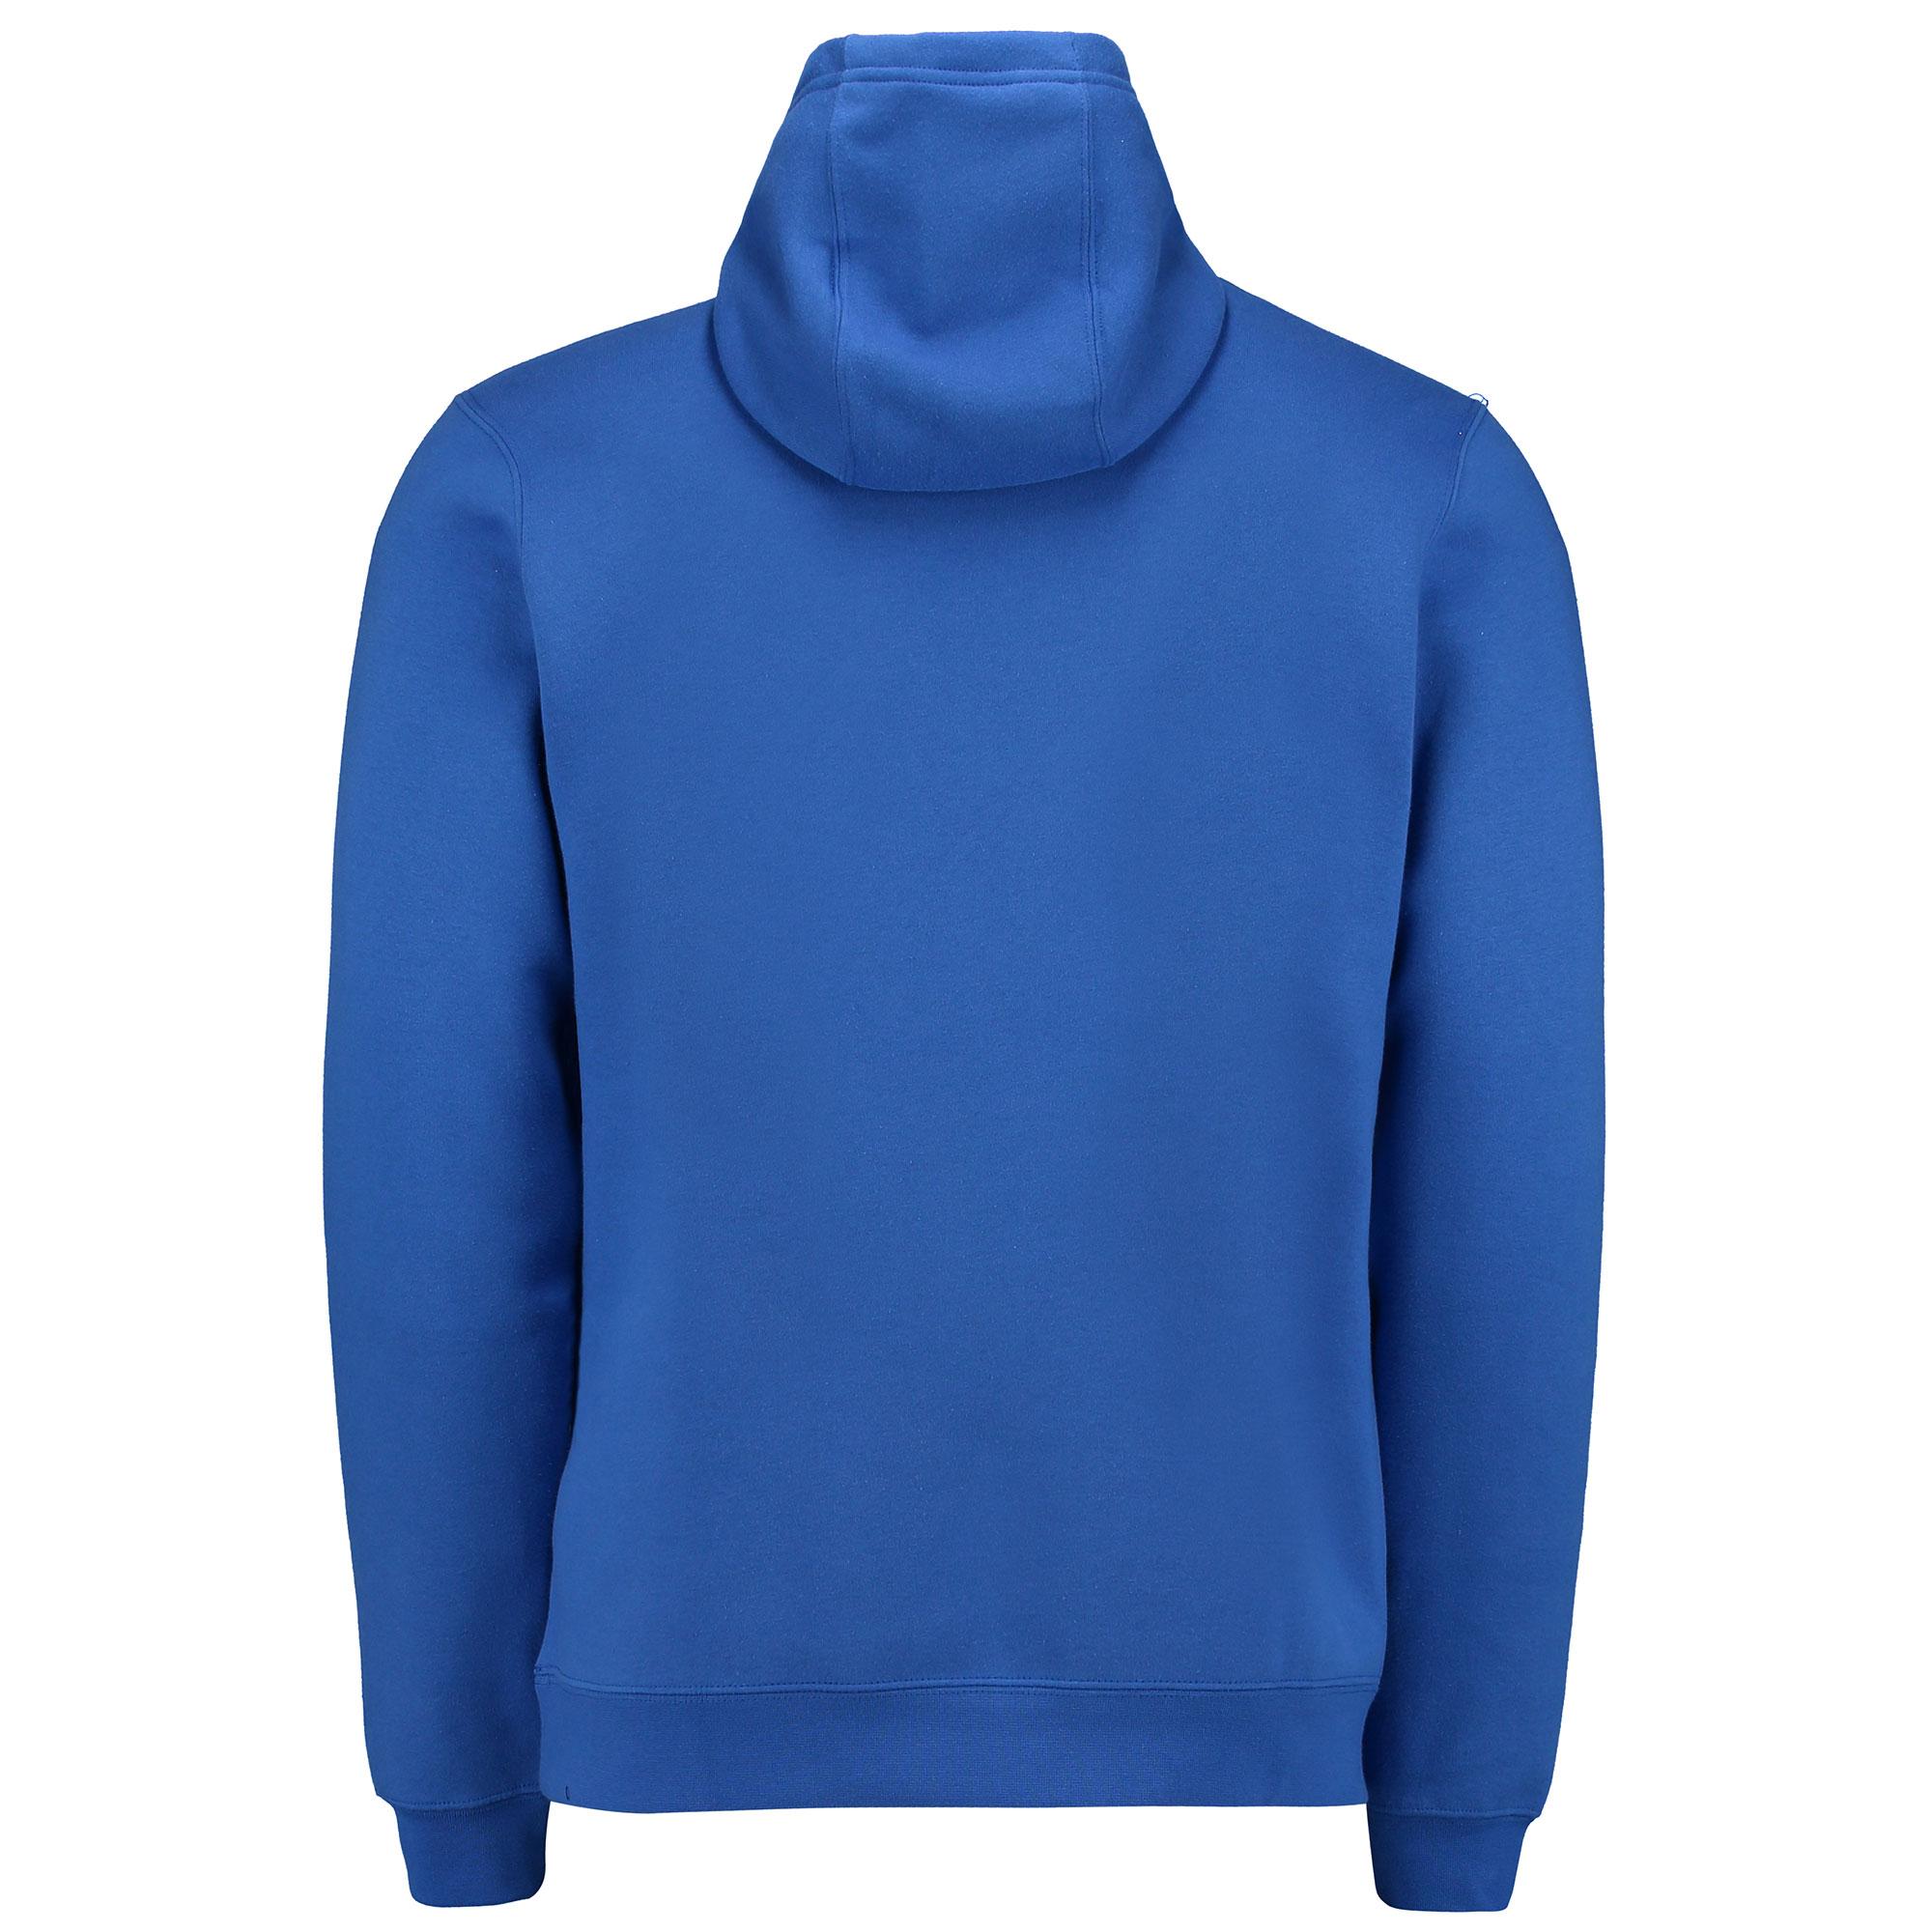 9dcdef59ad6 Popis · Na stiahnutie · Podobný tovar. Miláno (Inter Milan) mikina pánska  modrá.